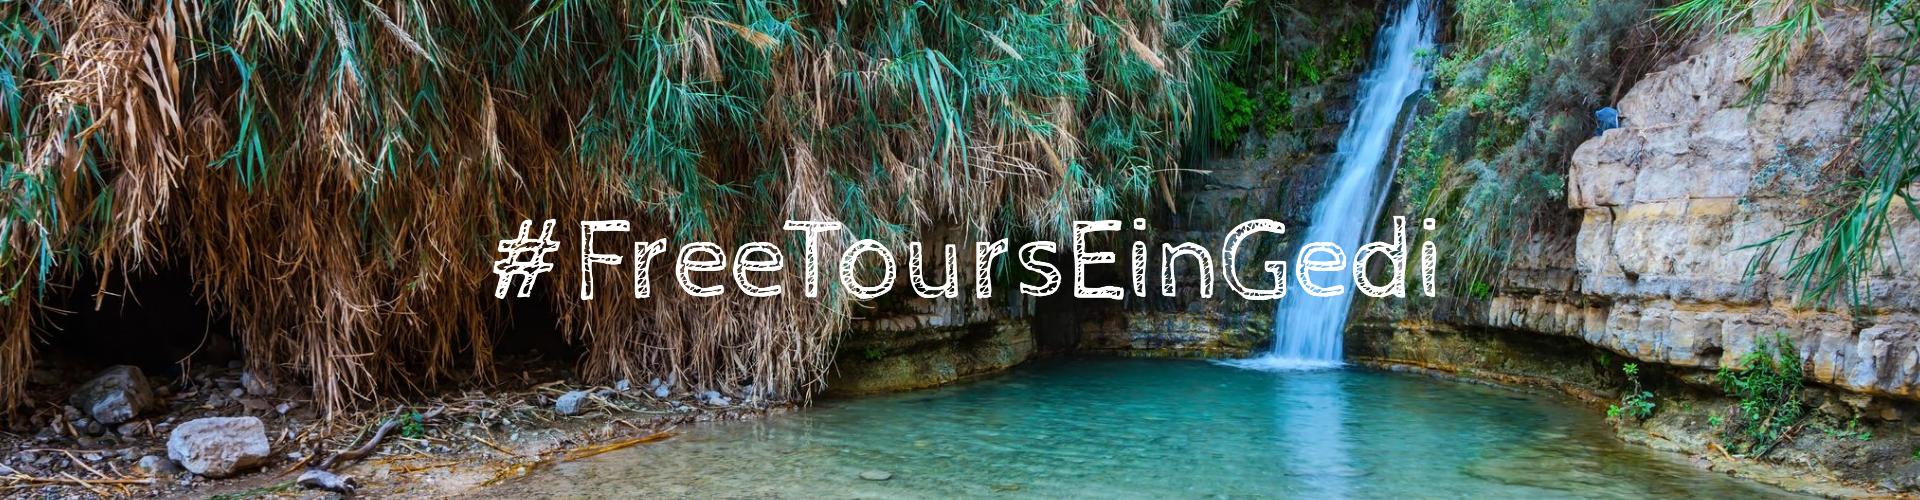 free tours ein gedi